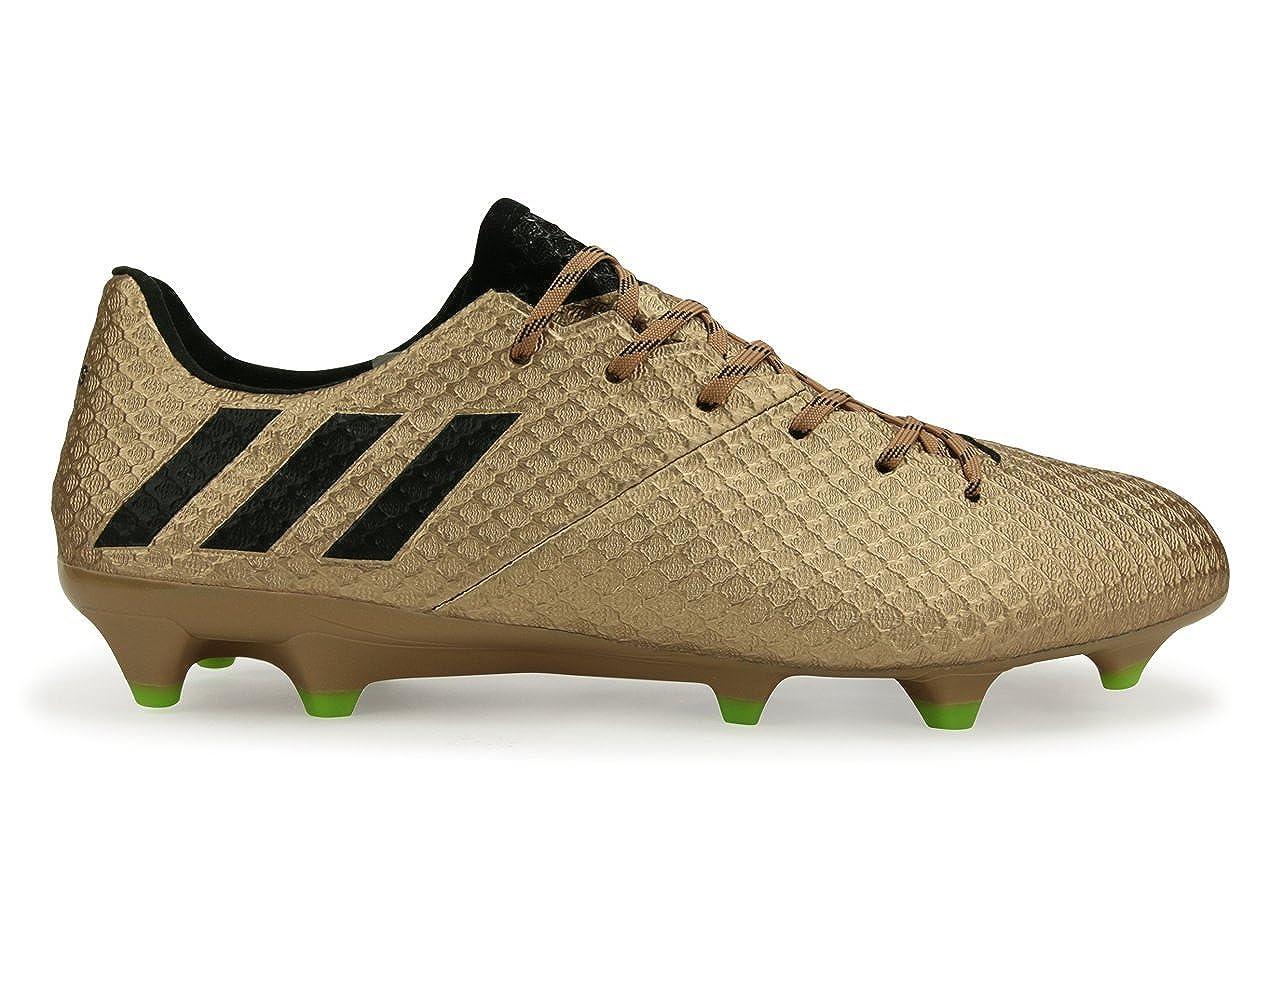 5fb01e5ec Amazon.com | adidas Men's Messi 16.1 FG Copper Metallic/Core Black/Solar  Green Soccer Shoes | Soccer